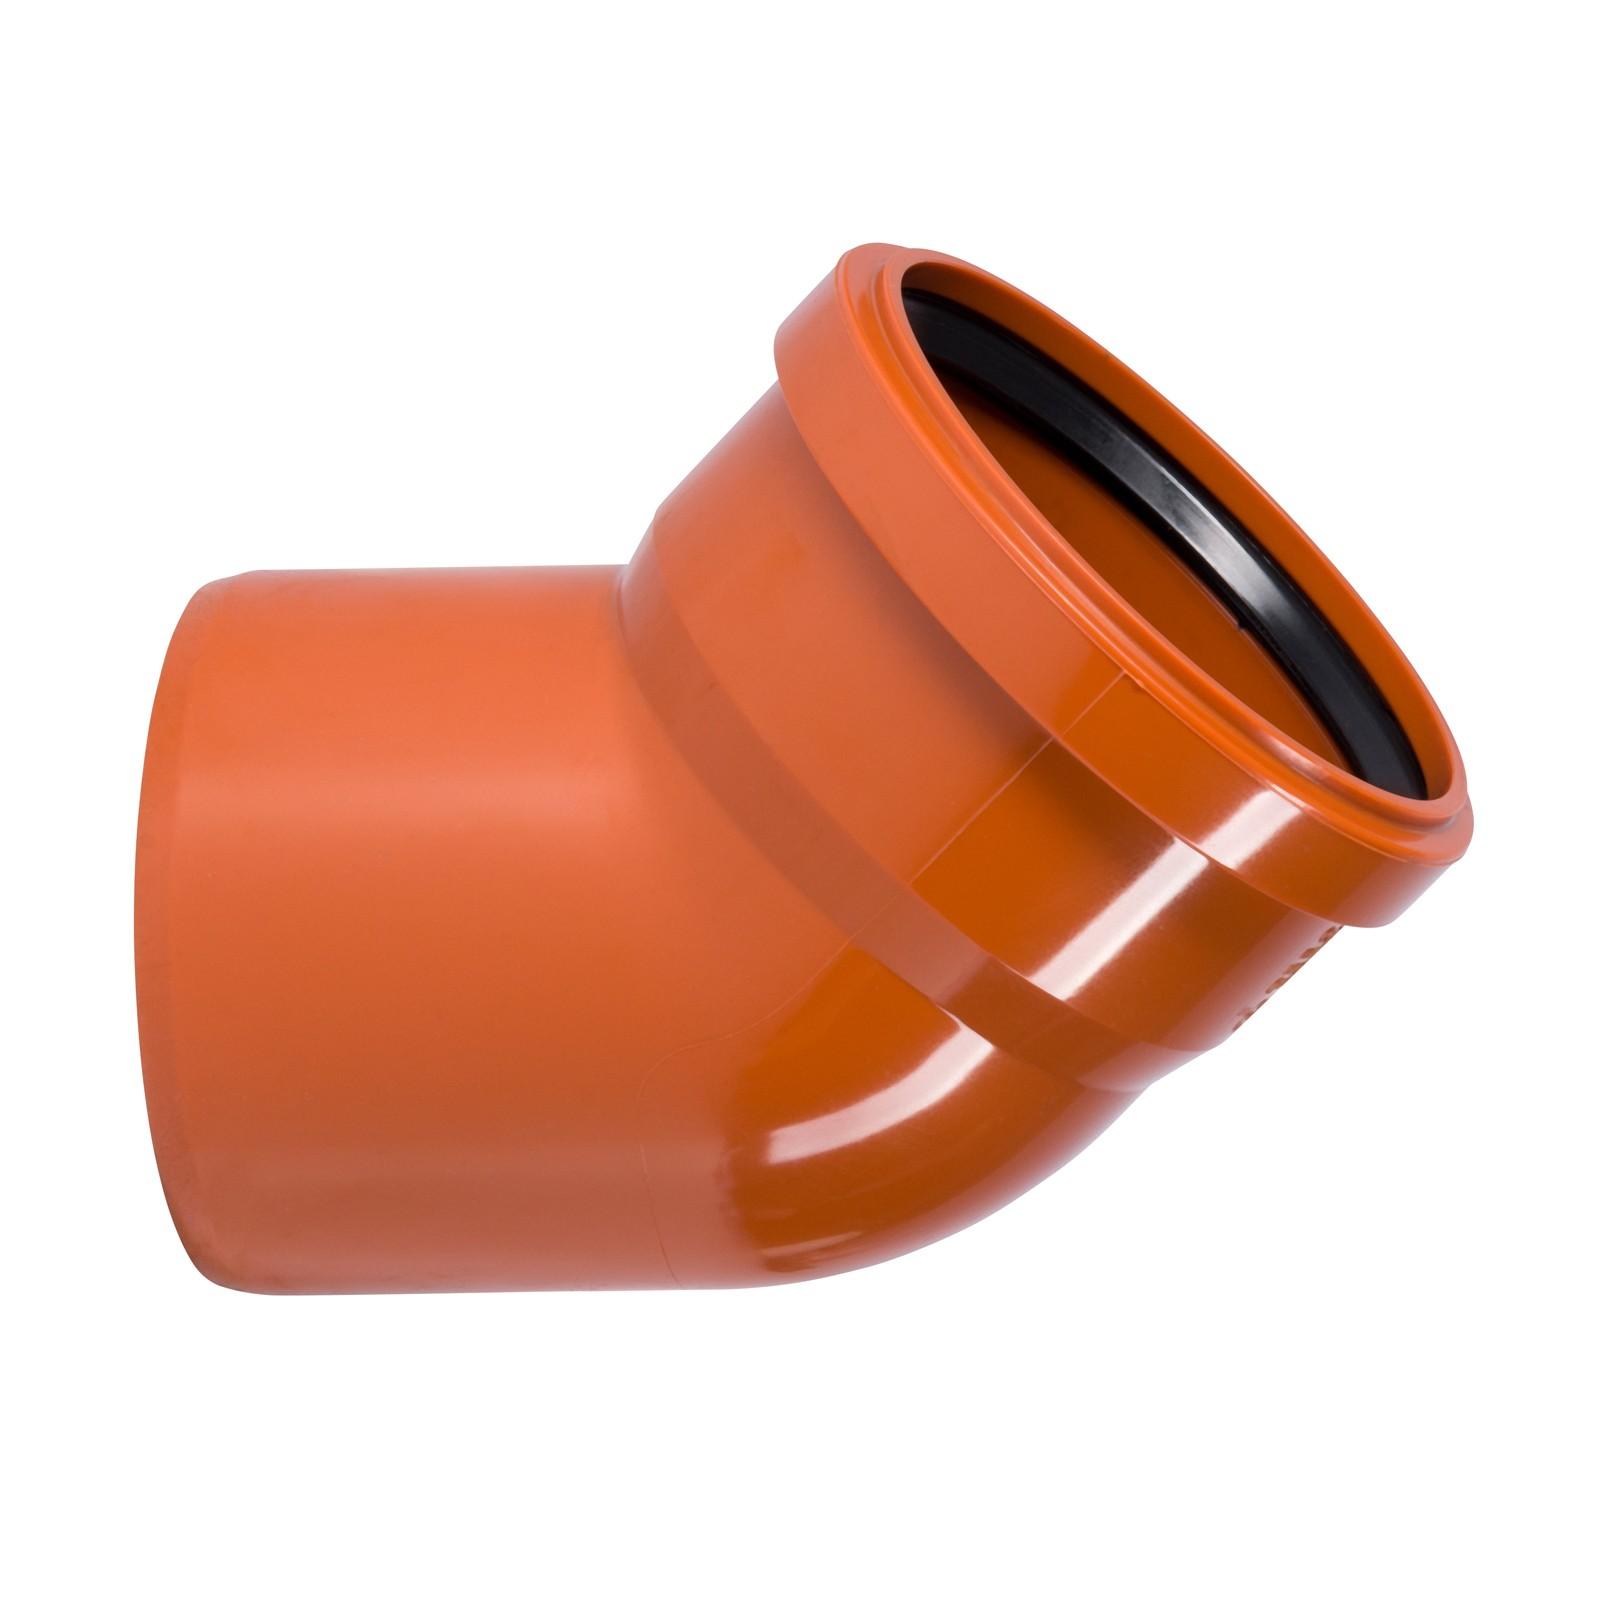 ostendorf kg bogen dn160 45 kgb rohr winkel rohrbogen abwasserrohr kanalrohr ebay. Black Bedroom Furniture Sets. Home Design Ideas